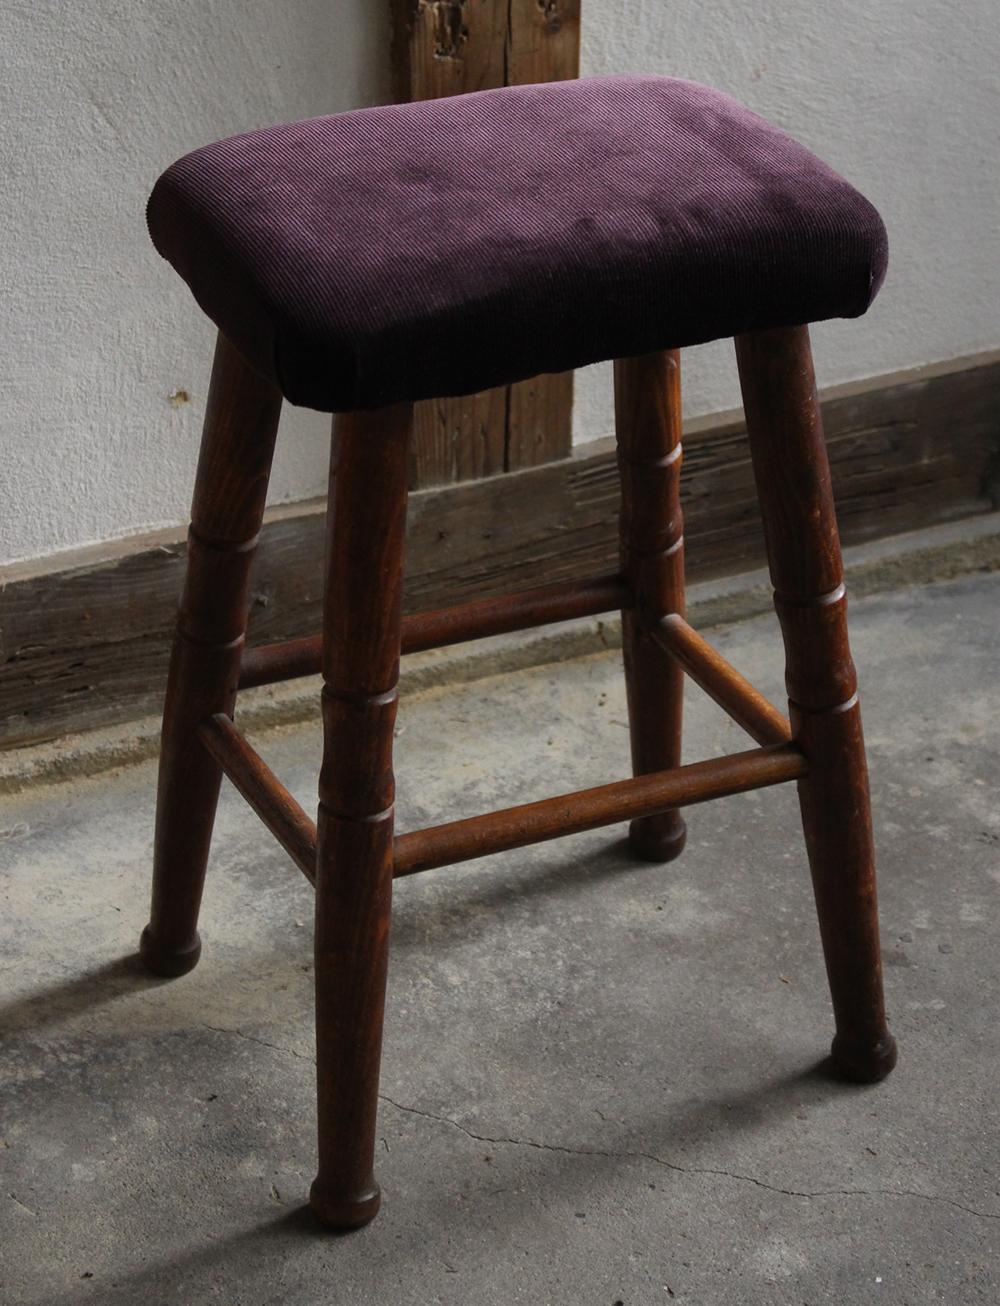 パーブルの布張りミシン椅子・スツール